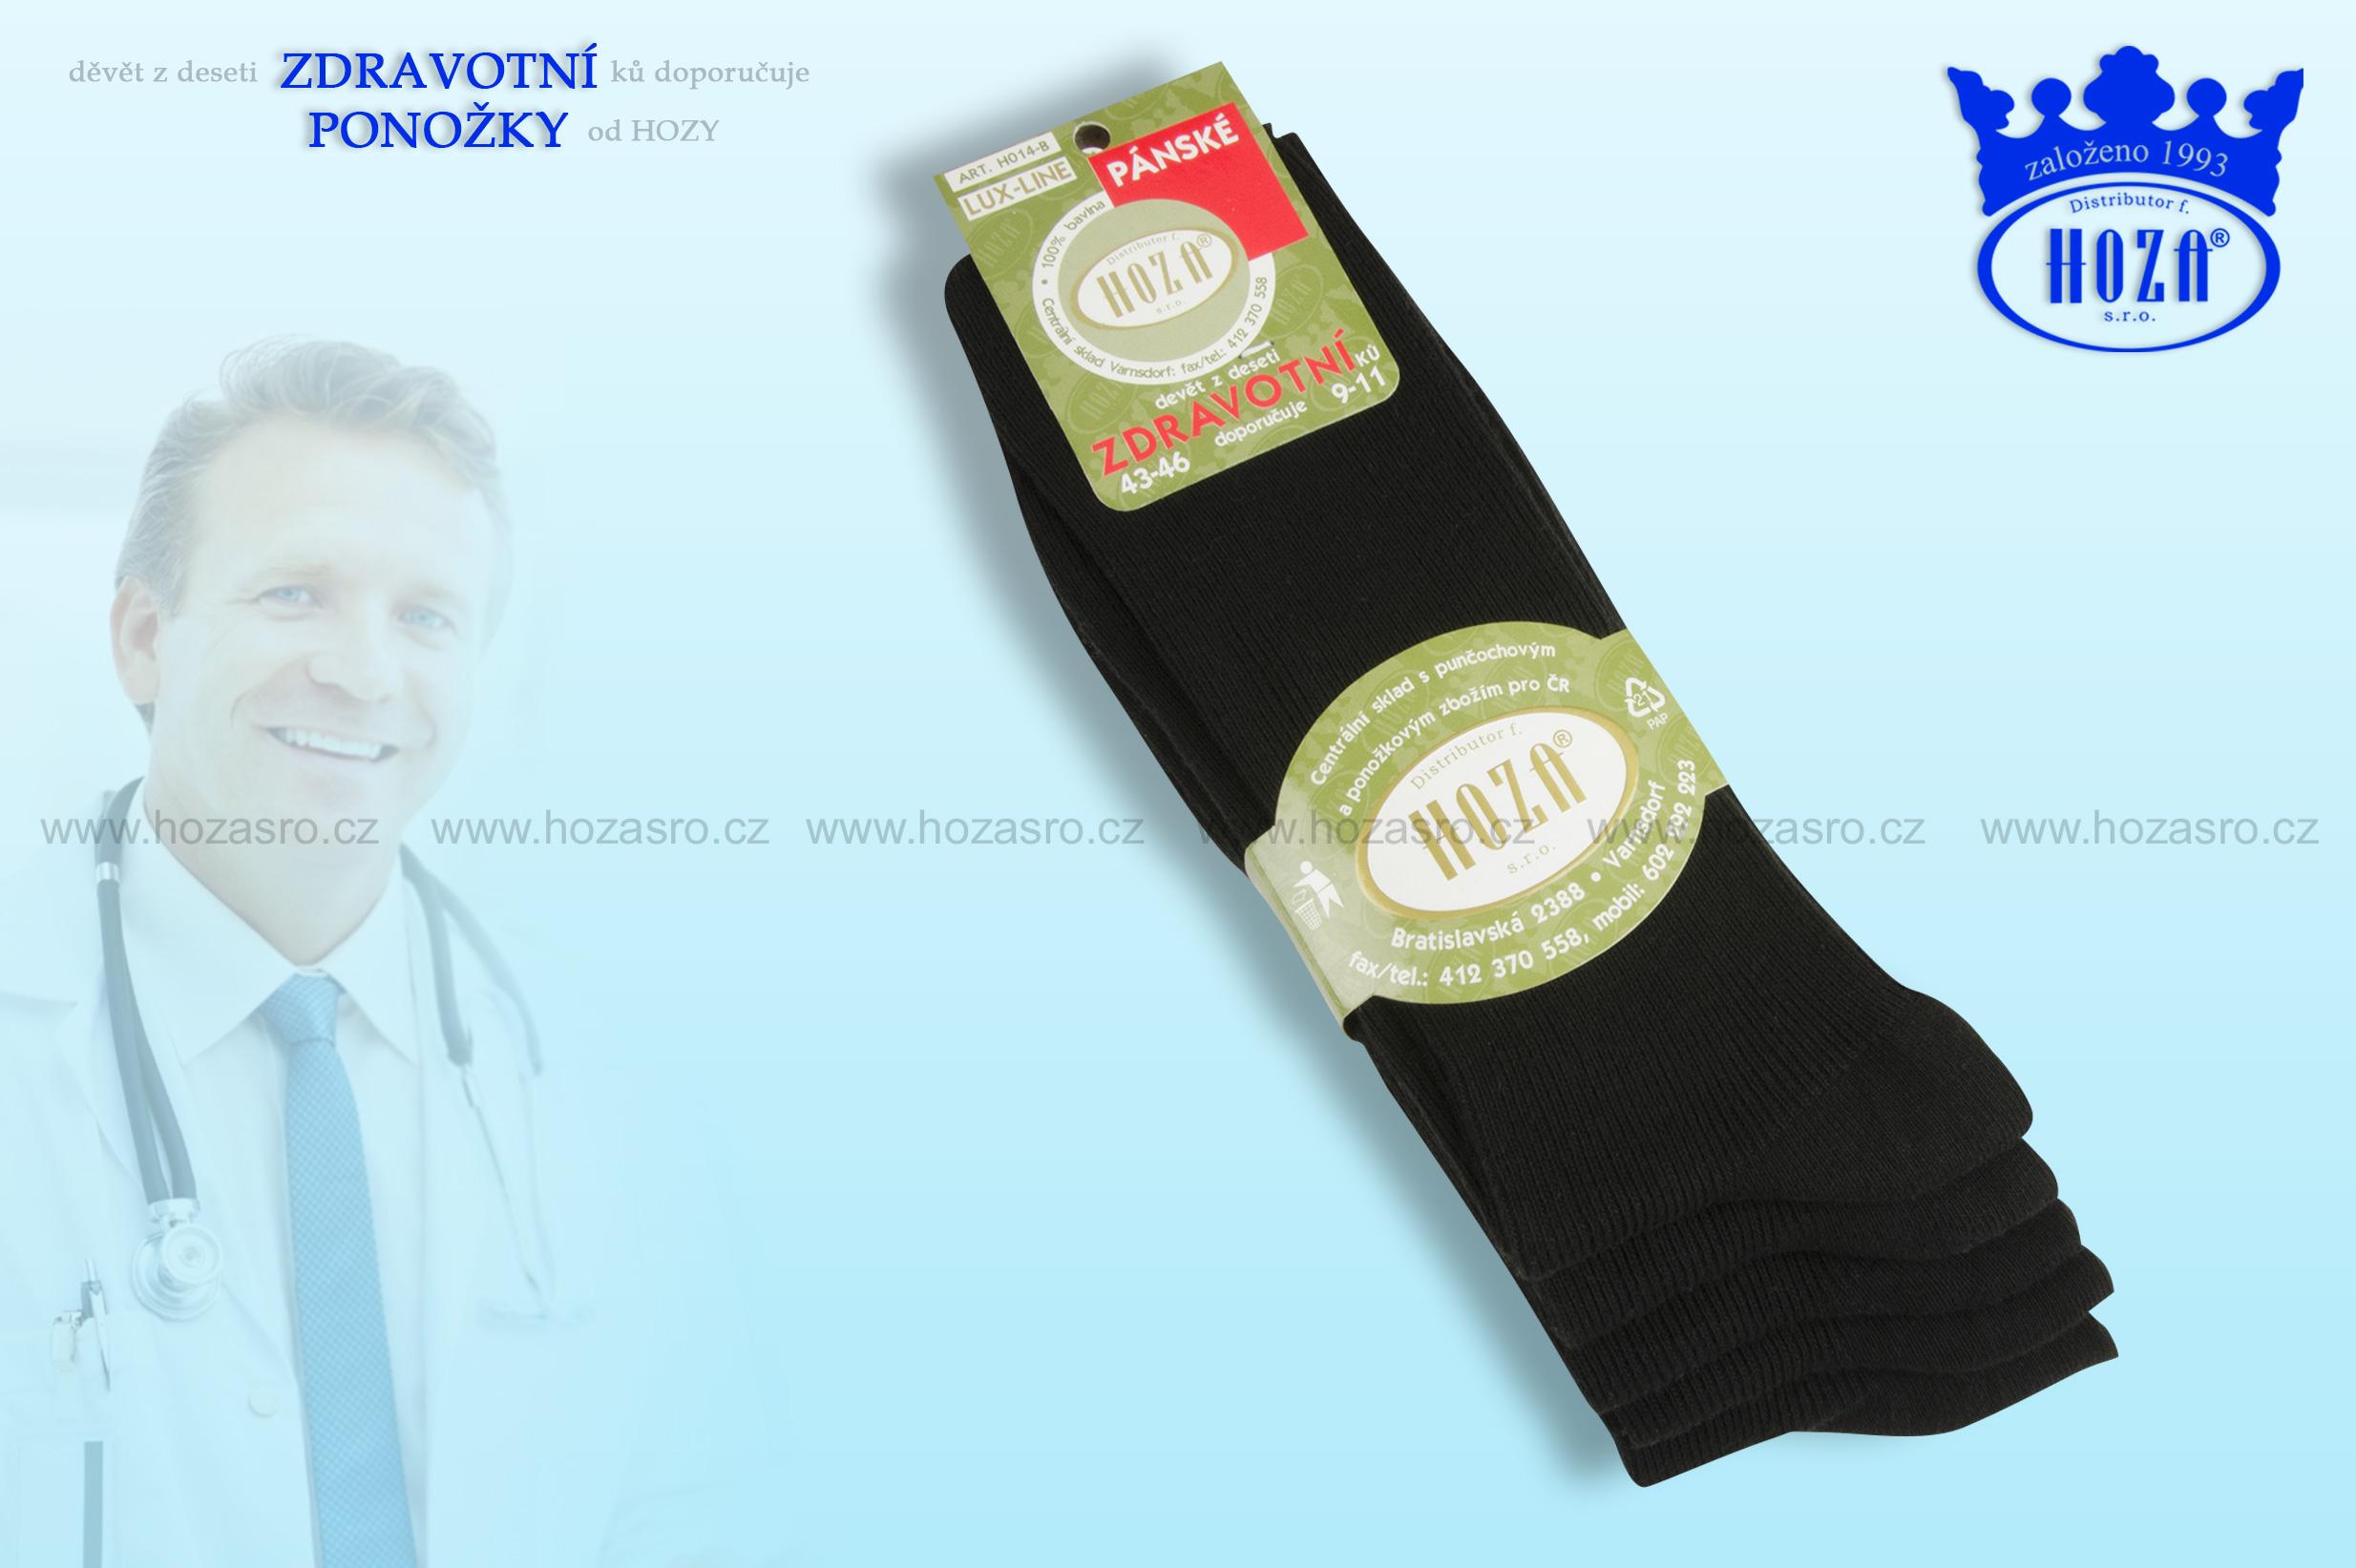 Pánské ponožky zdravotní b0239d1490